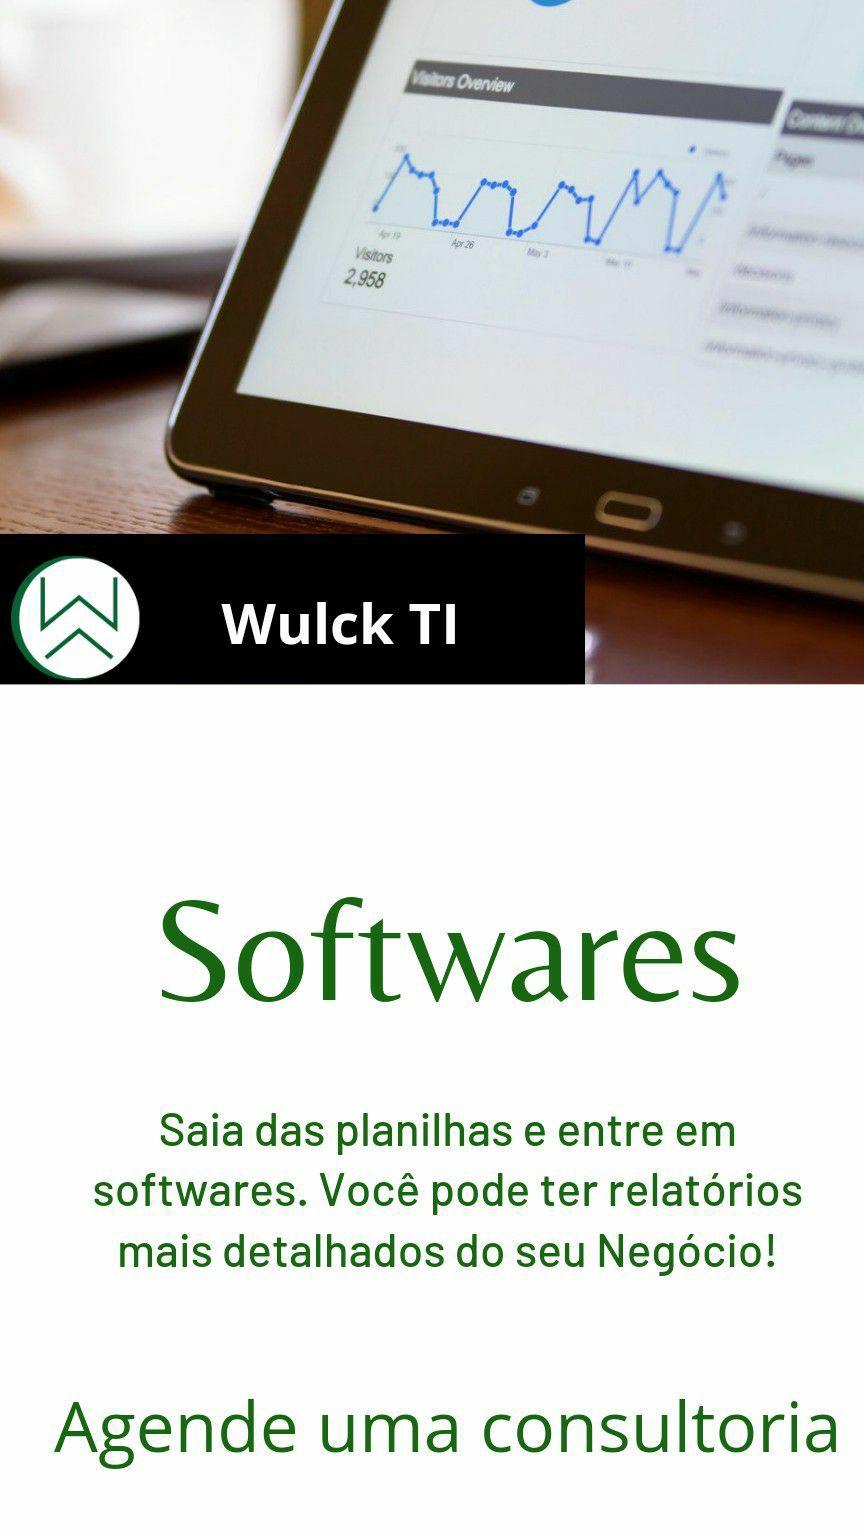 Precisa de auxílio para software?